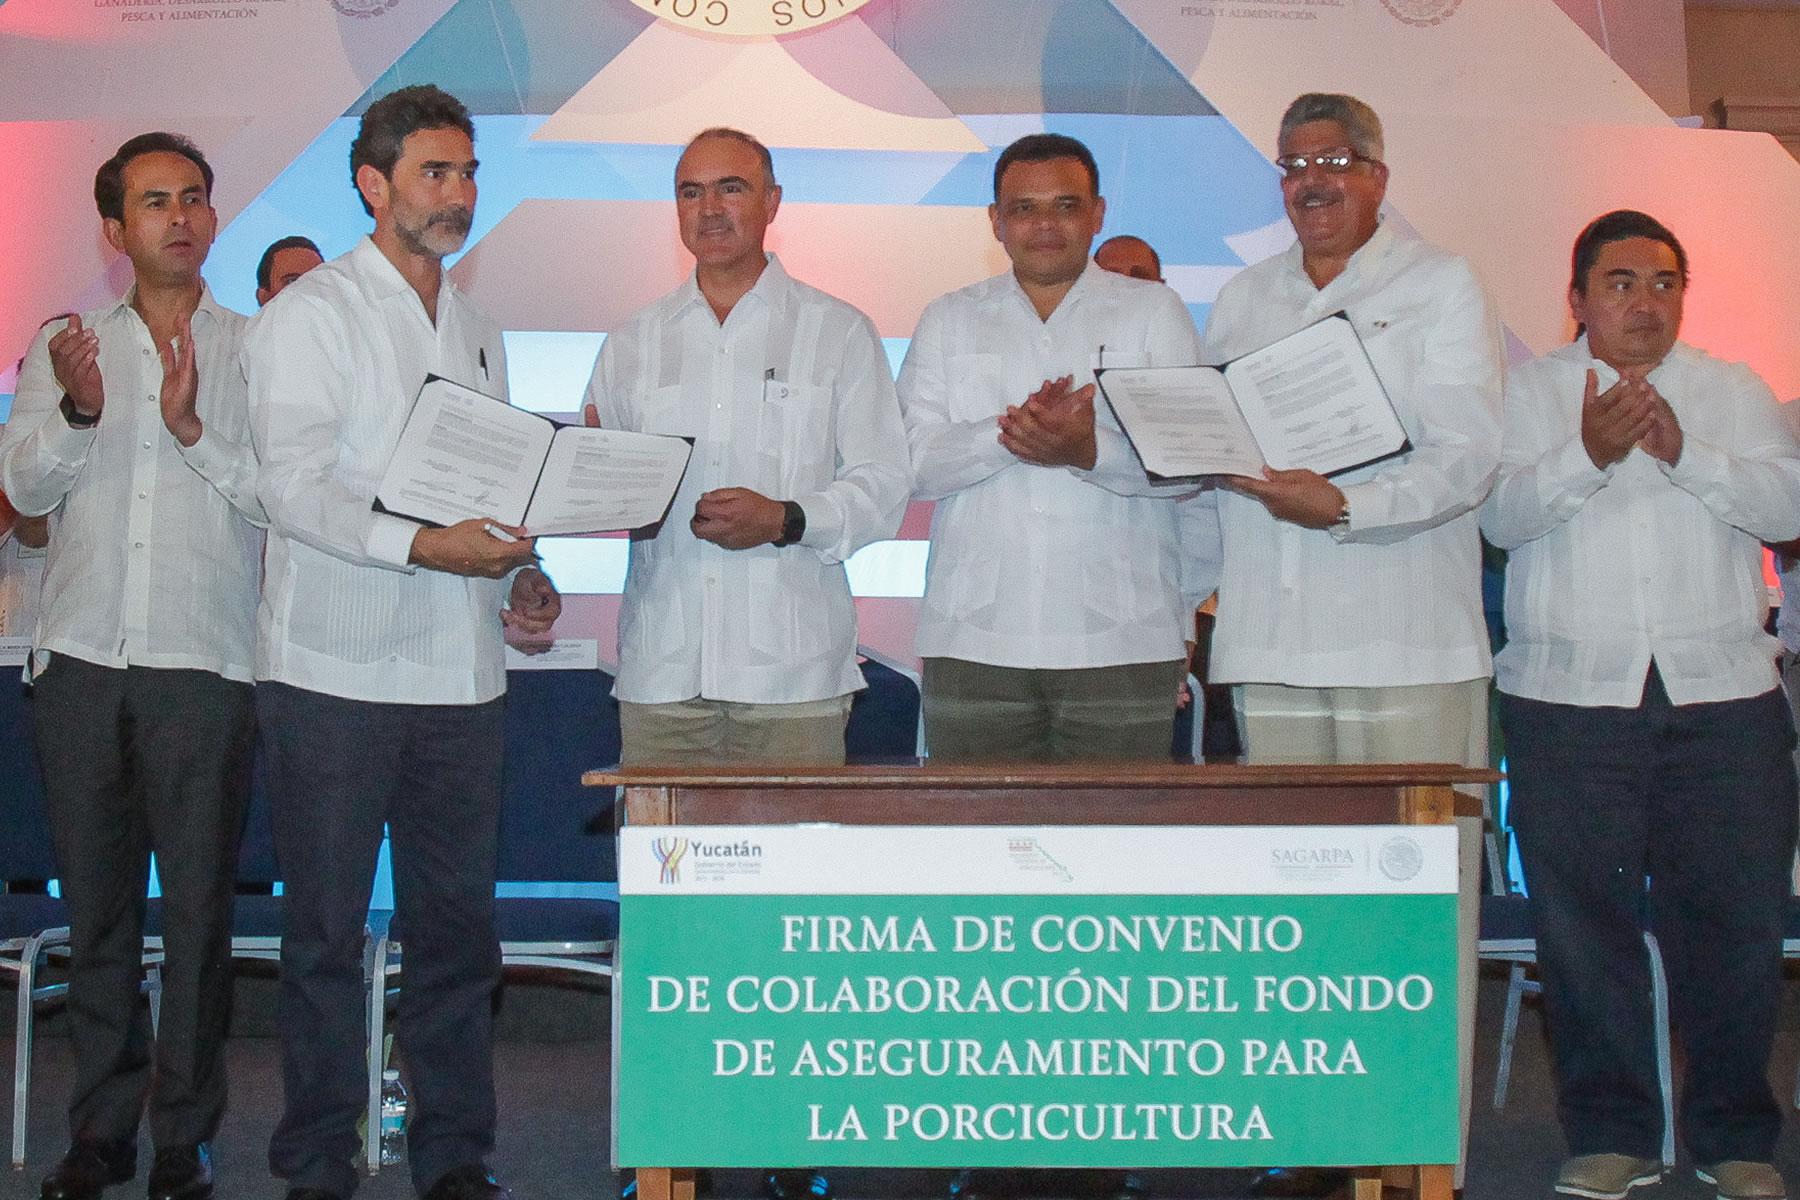 El titular de la Secretaría de Agricultura, Ganadería, Desarrollo Rural, Pesca y Alimentación (SAGARPA), José Calzada Rovirosa, y el gobernador de Yucatán, Rolando Zapata Bello, inauguraron el XIV Encuentro Nacional de Porcicultura 2015.